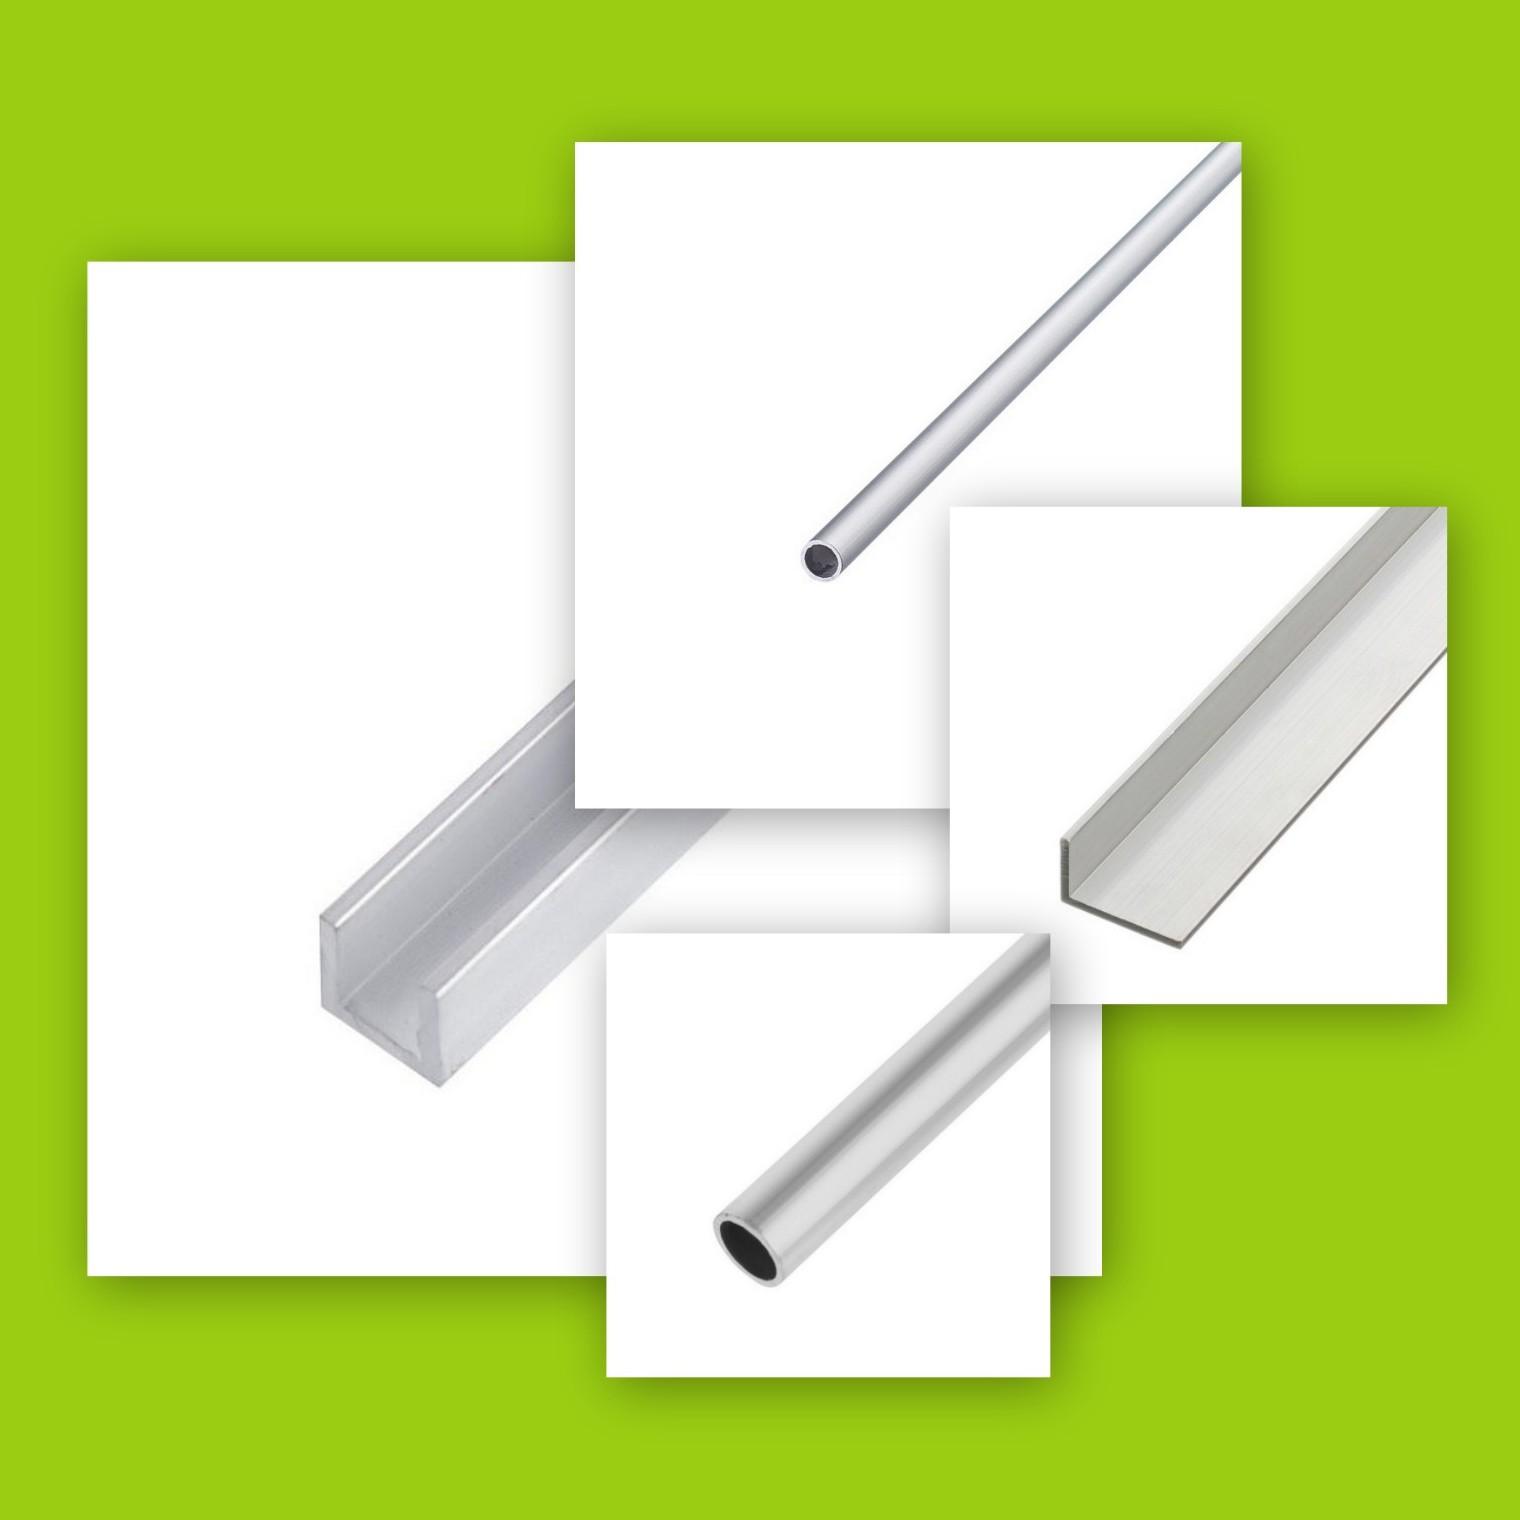 Профили и трубы алюминиевые